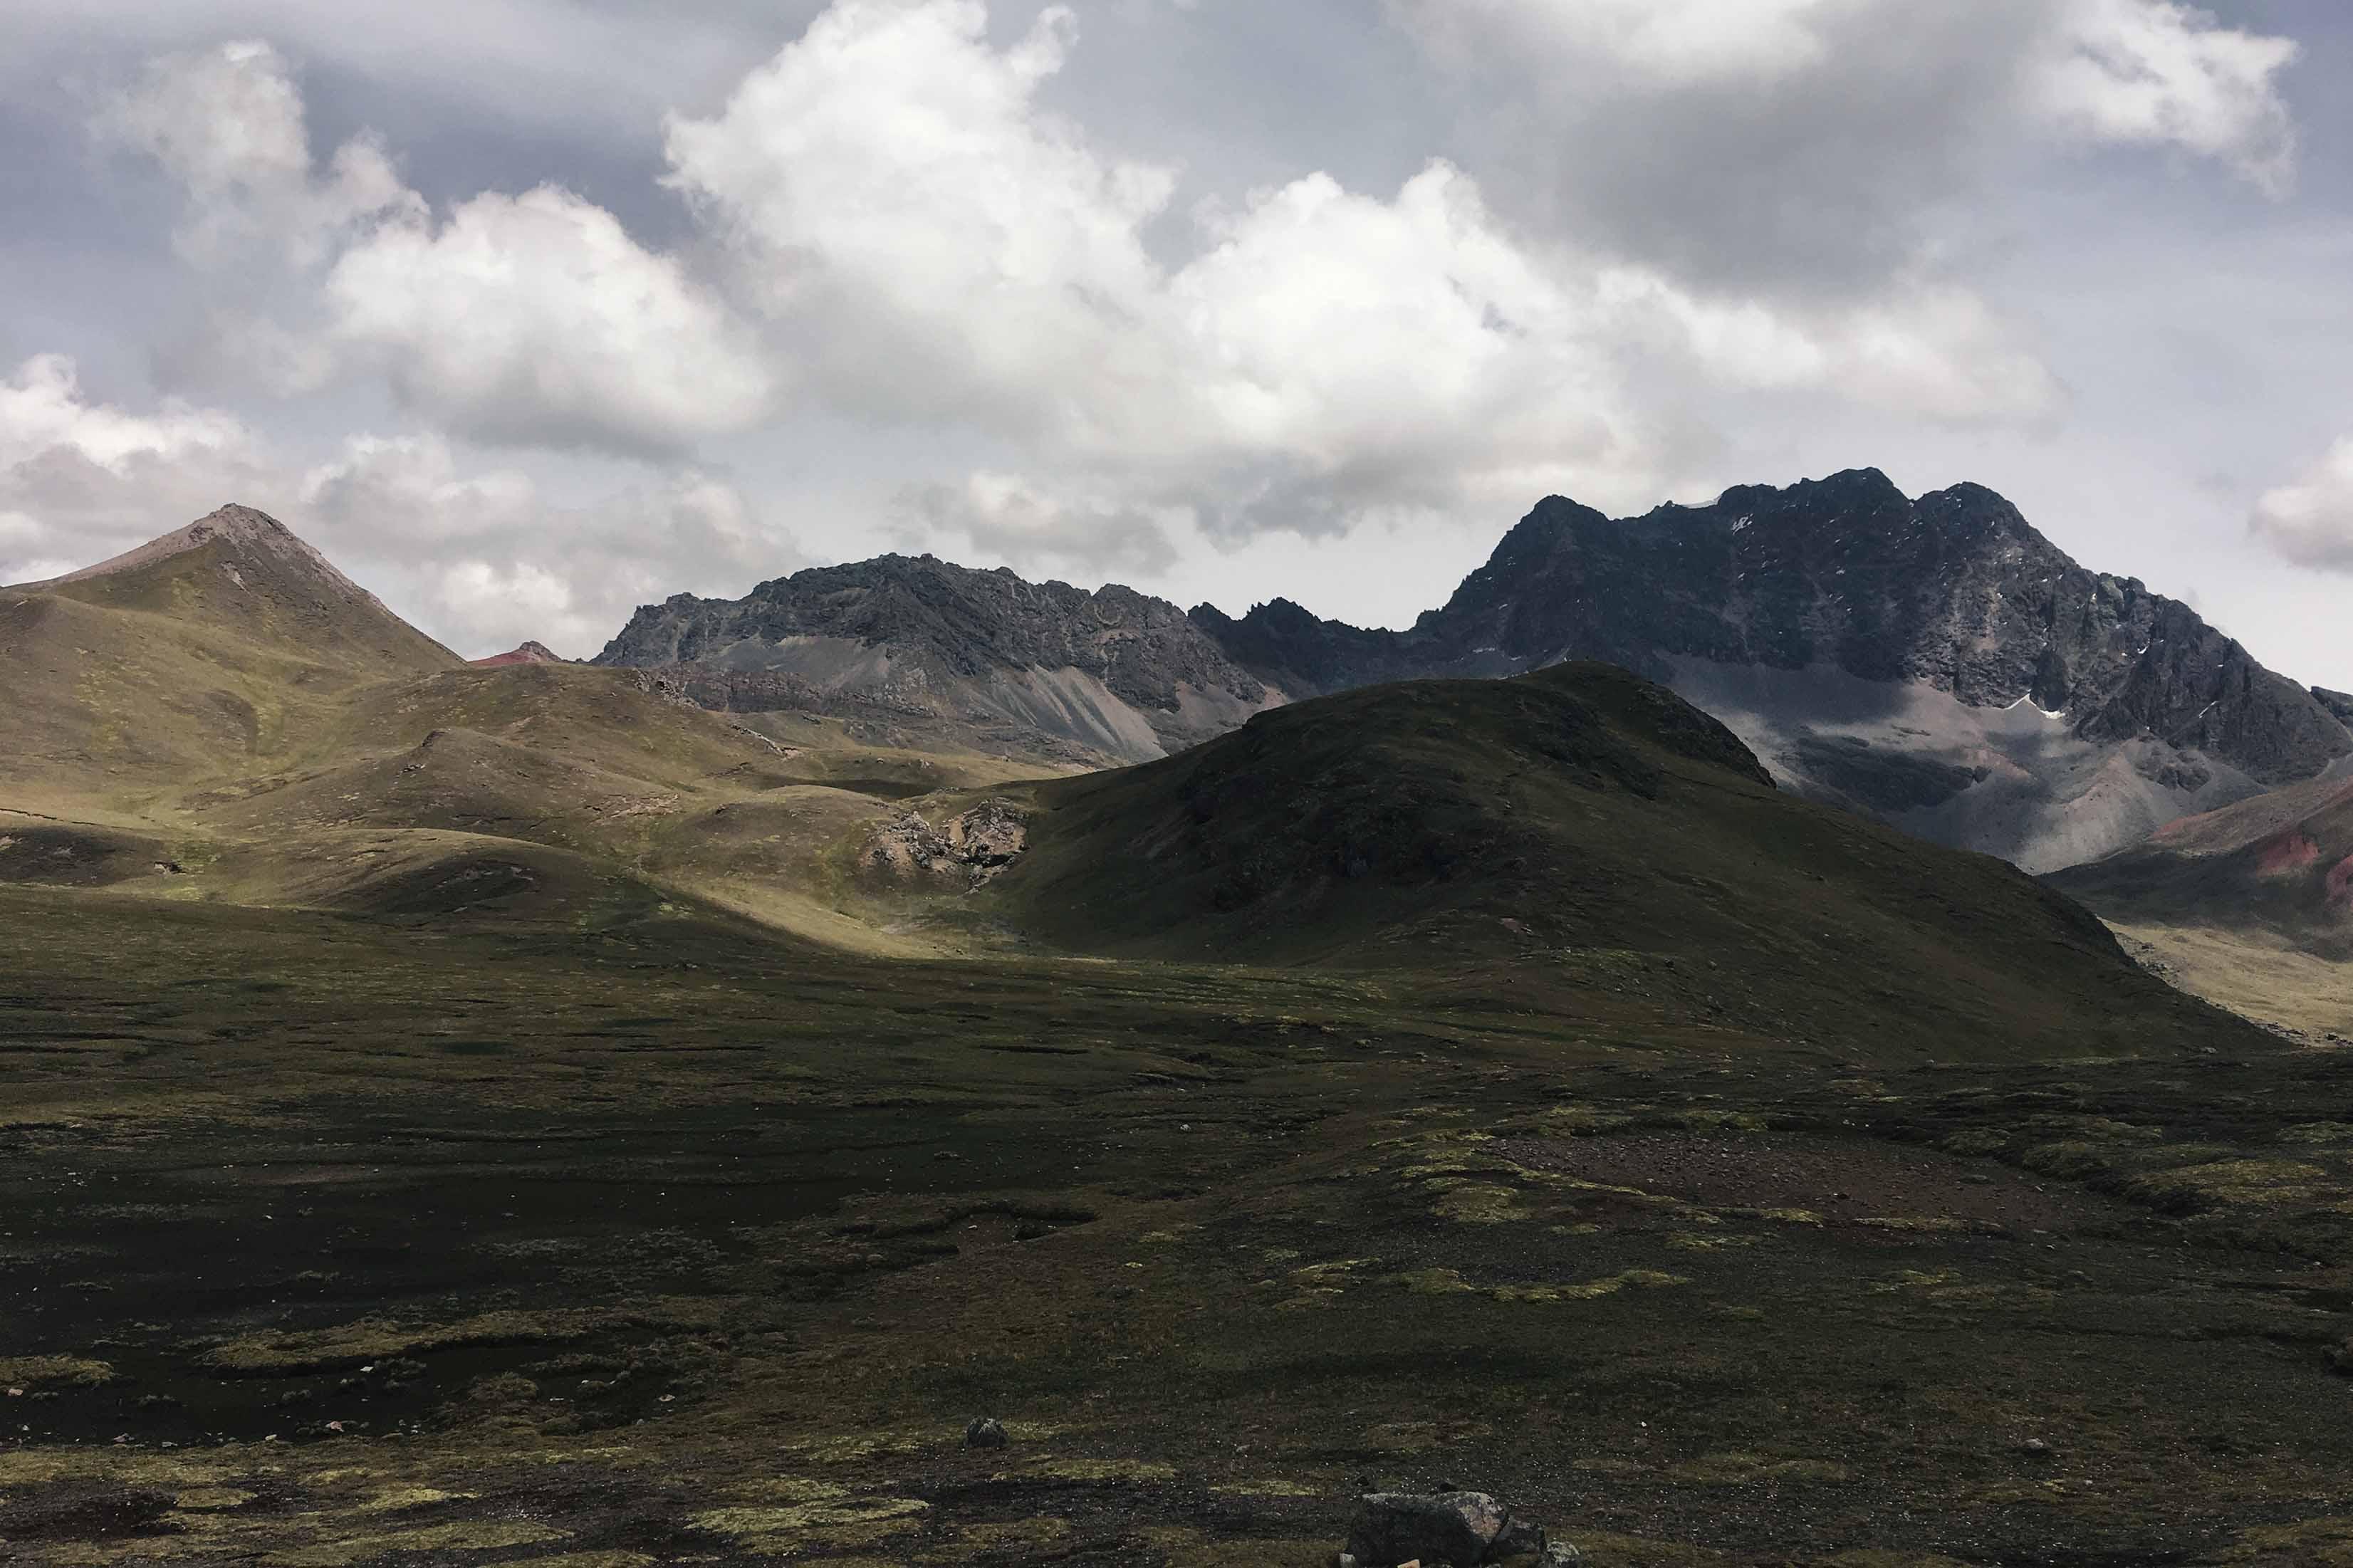 Dovolenka v Peru: Kam do hôr?